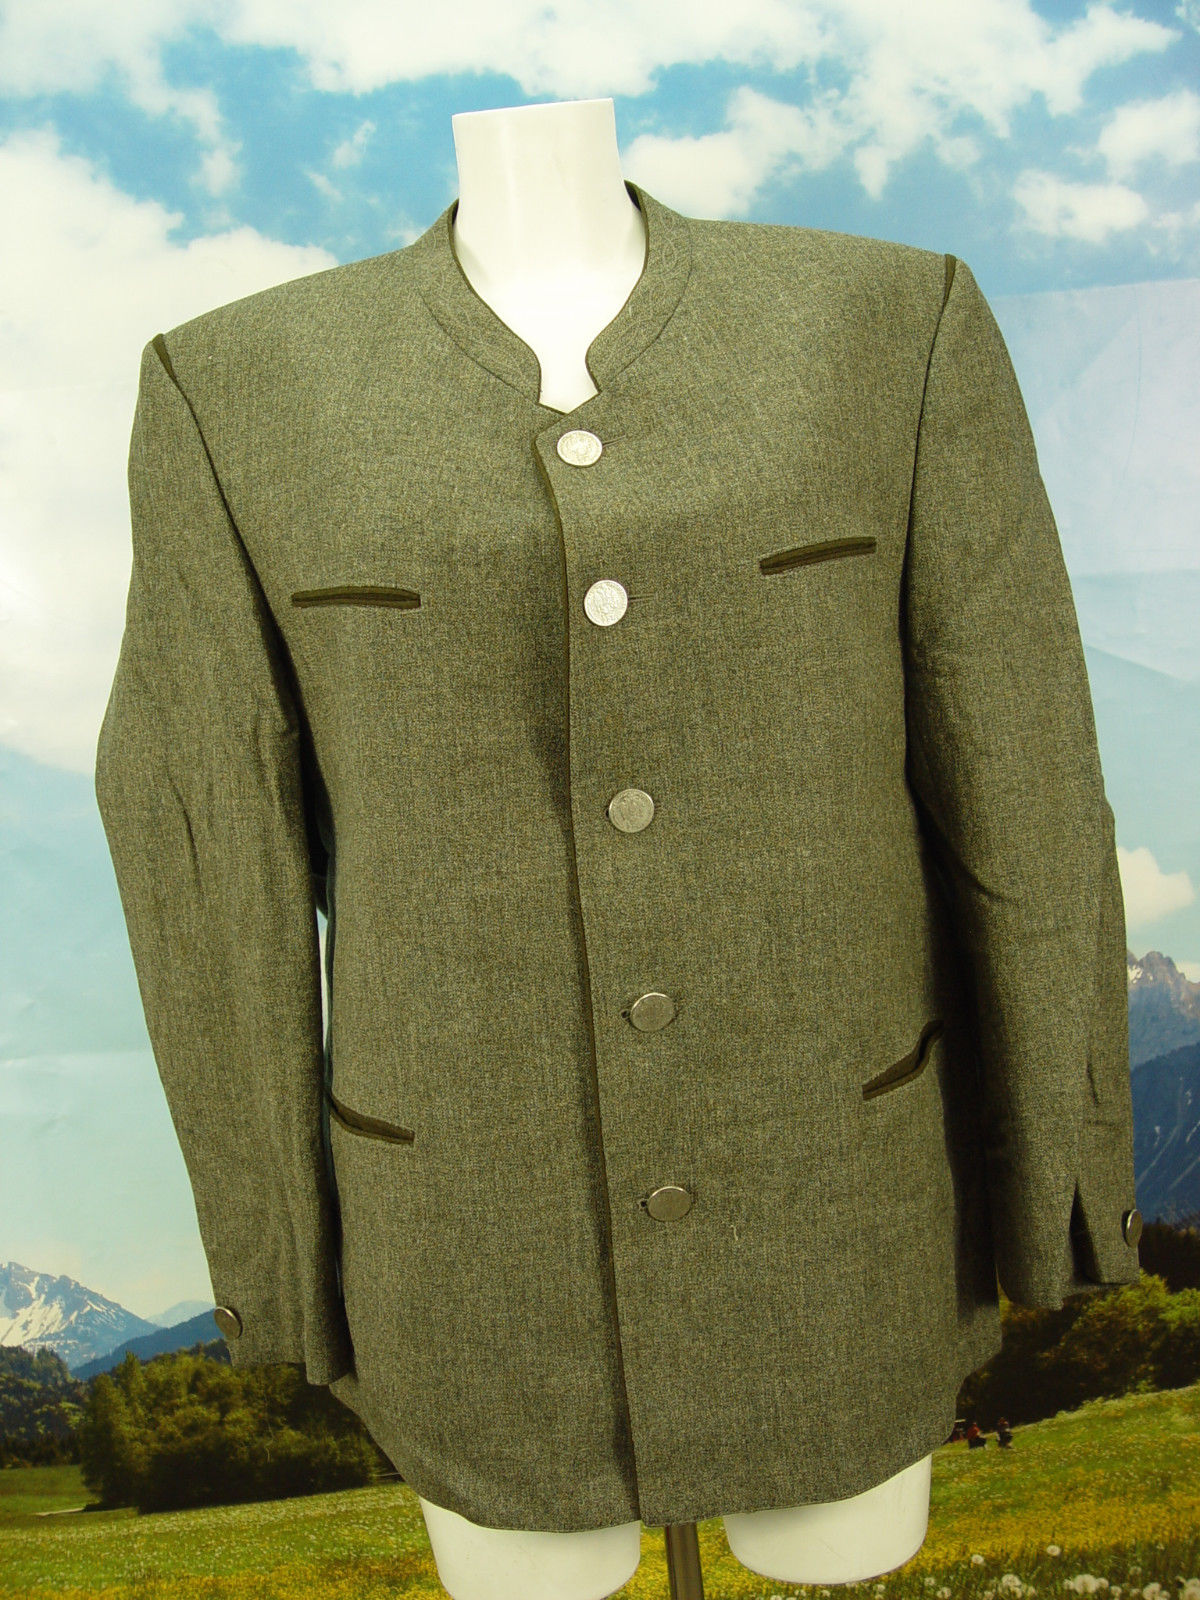 Herrliches Wöhrl Chic Und Gr Sakko Loden Jacke Elegant Trachten Hl268 27 Janker drCshBtQxo